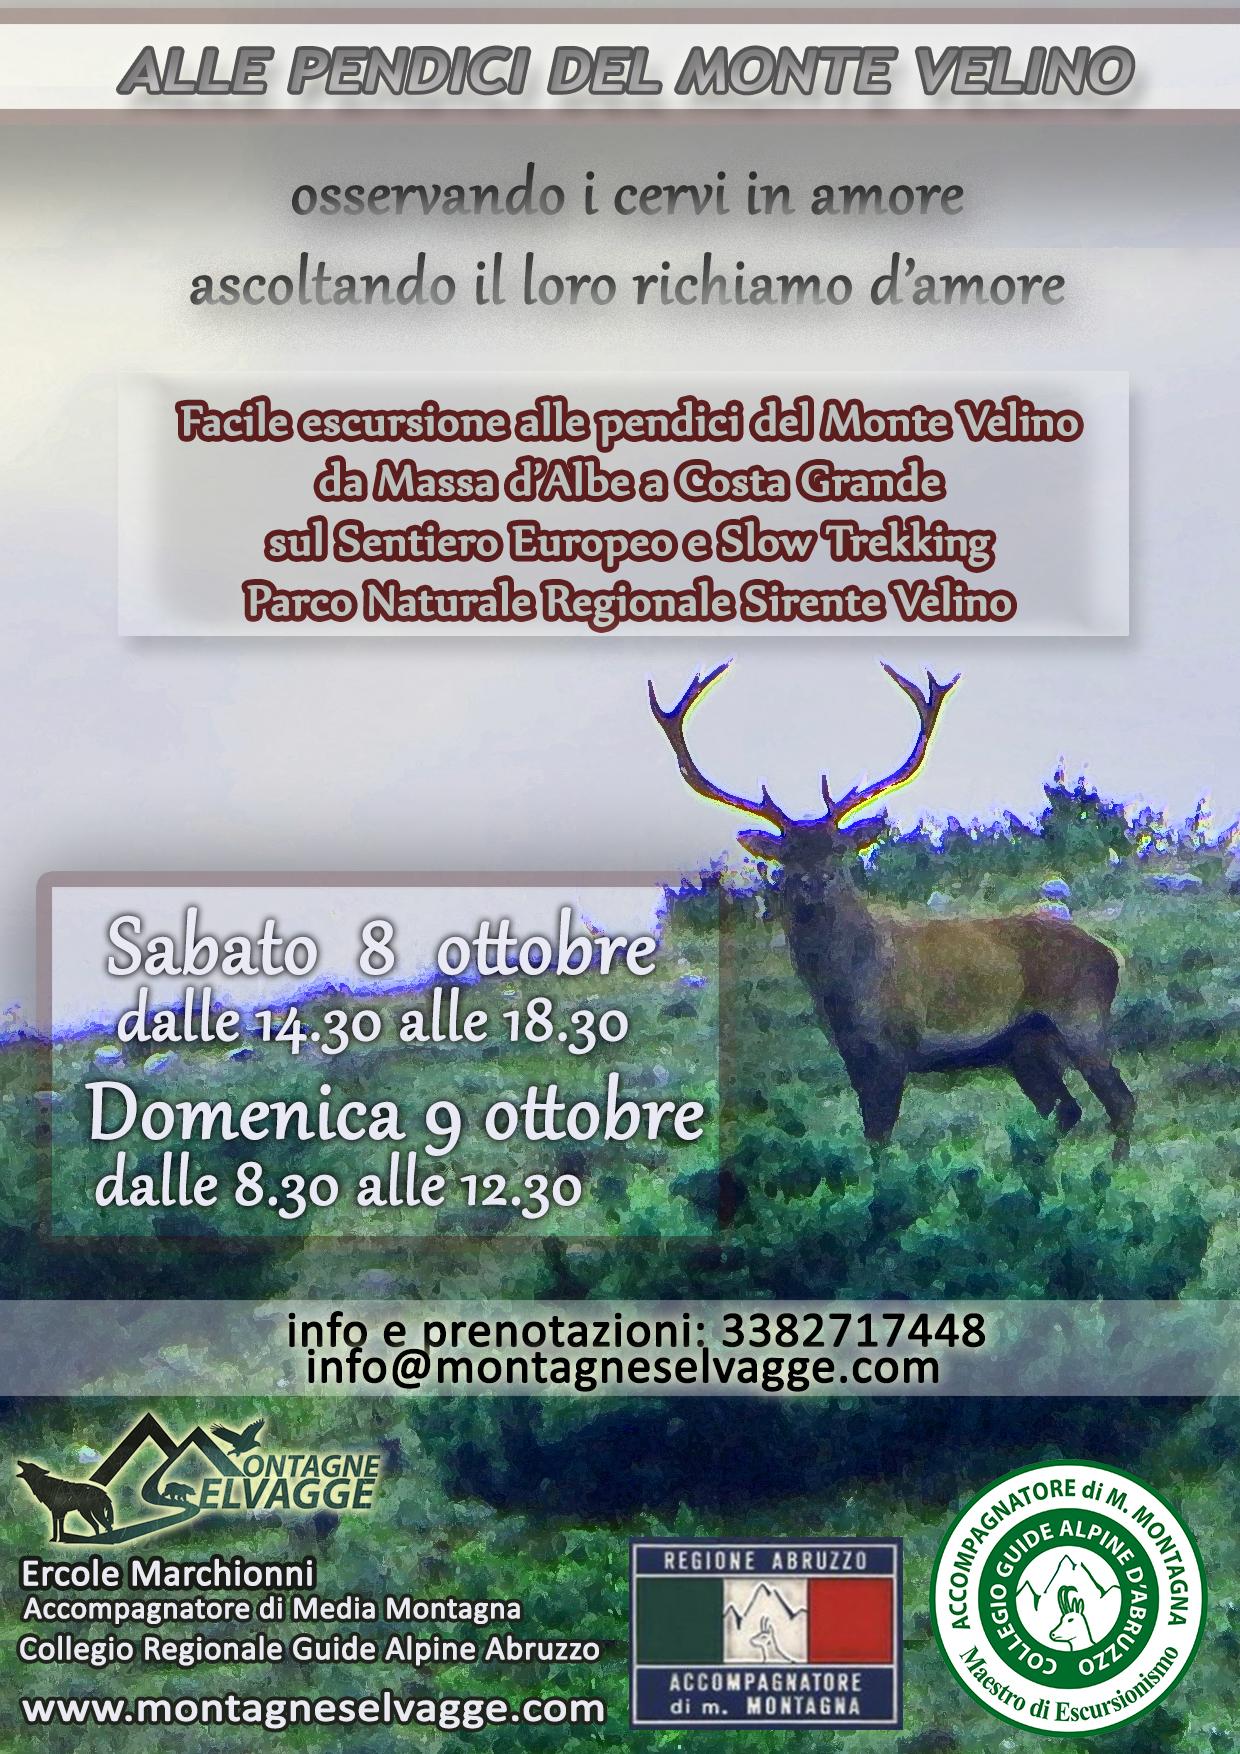 Monte Velino - Cervi in amore